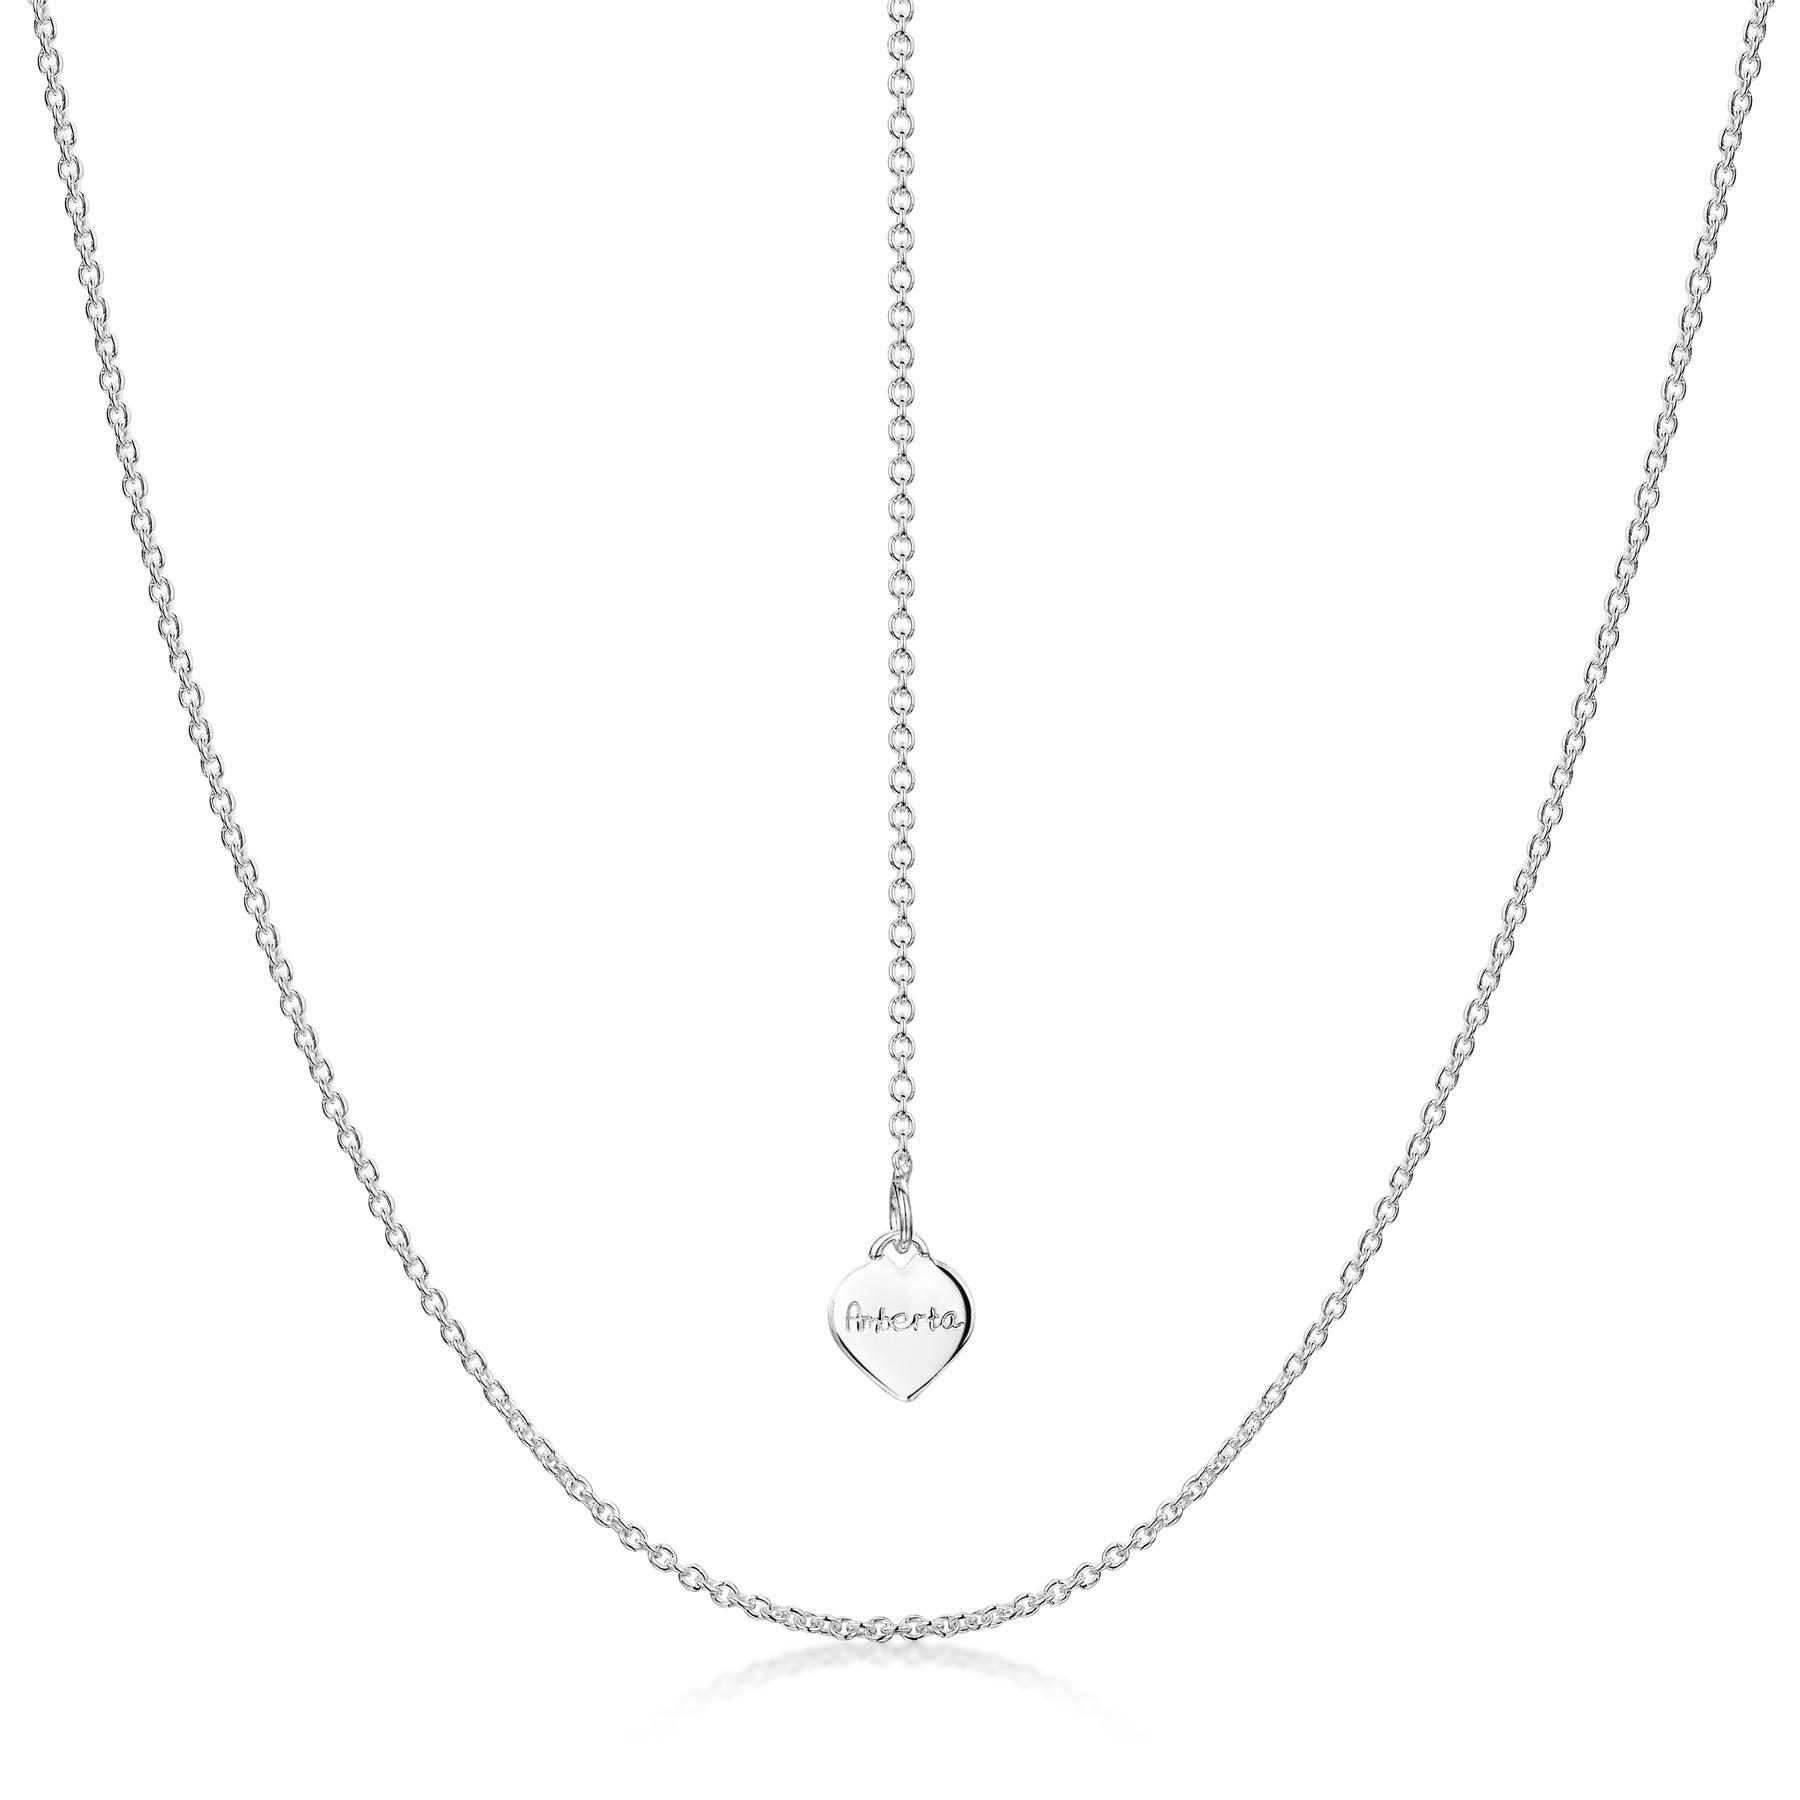 Amberta-Collar-en-Fina-Plata-de-Ley-925-Cadena-de-Corazon-Ajustable-para-Mujer miniatura 3